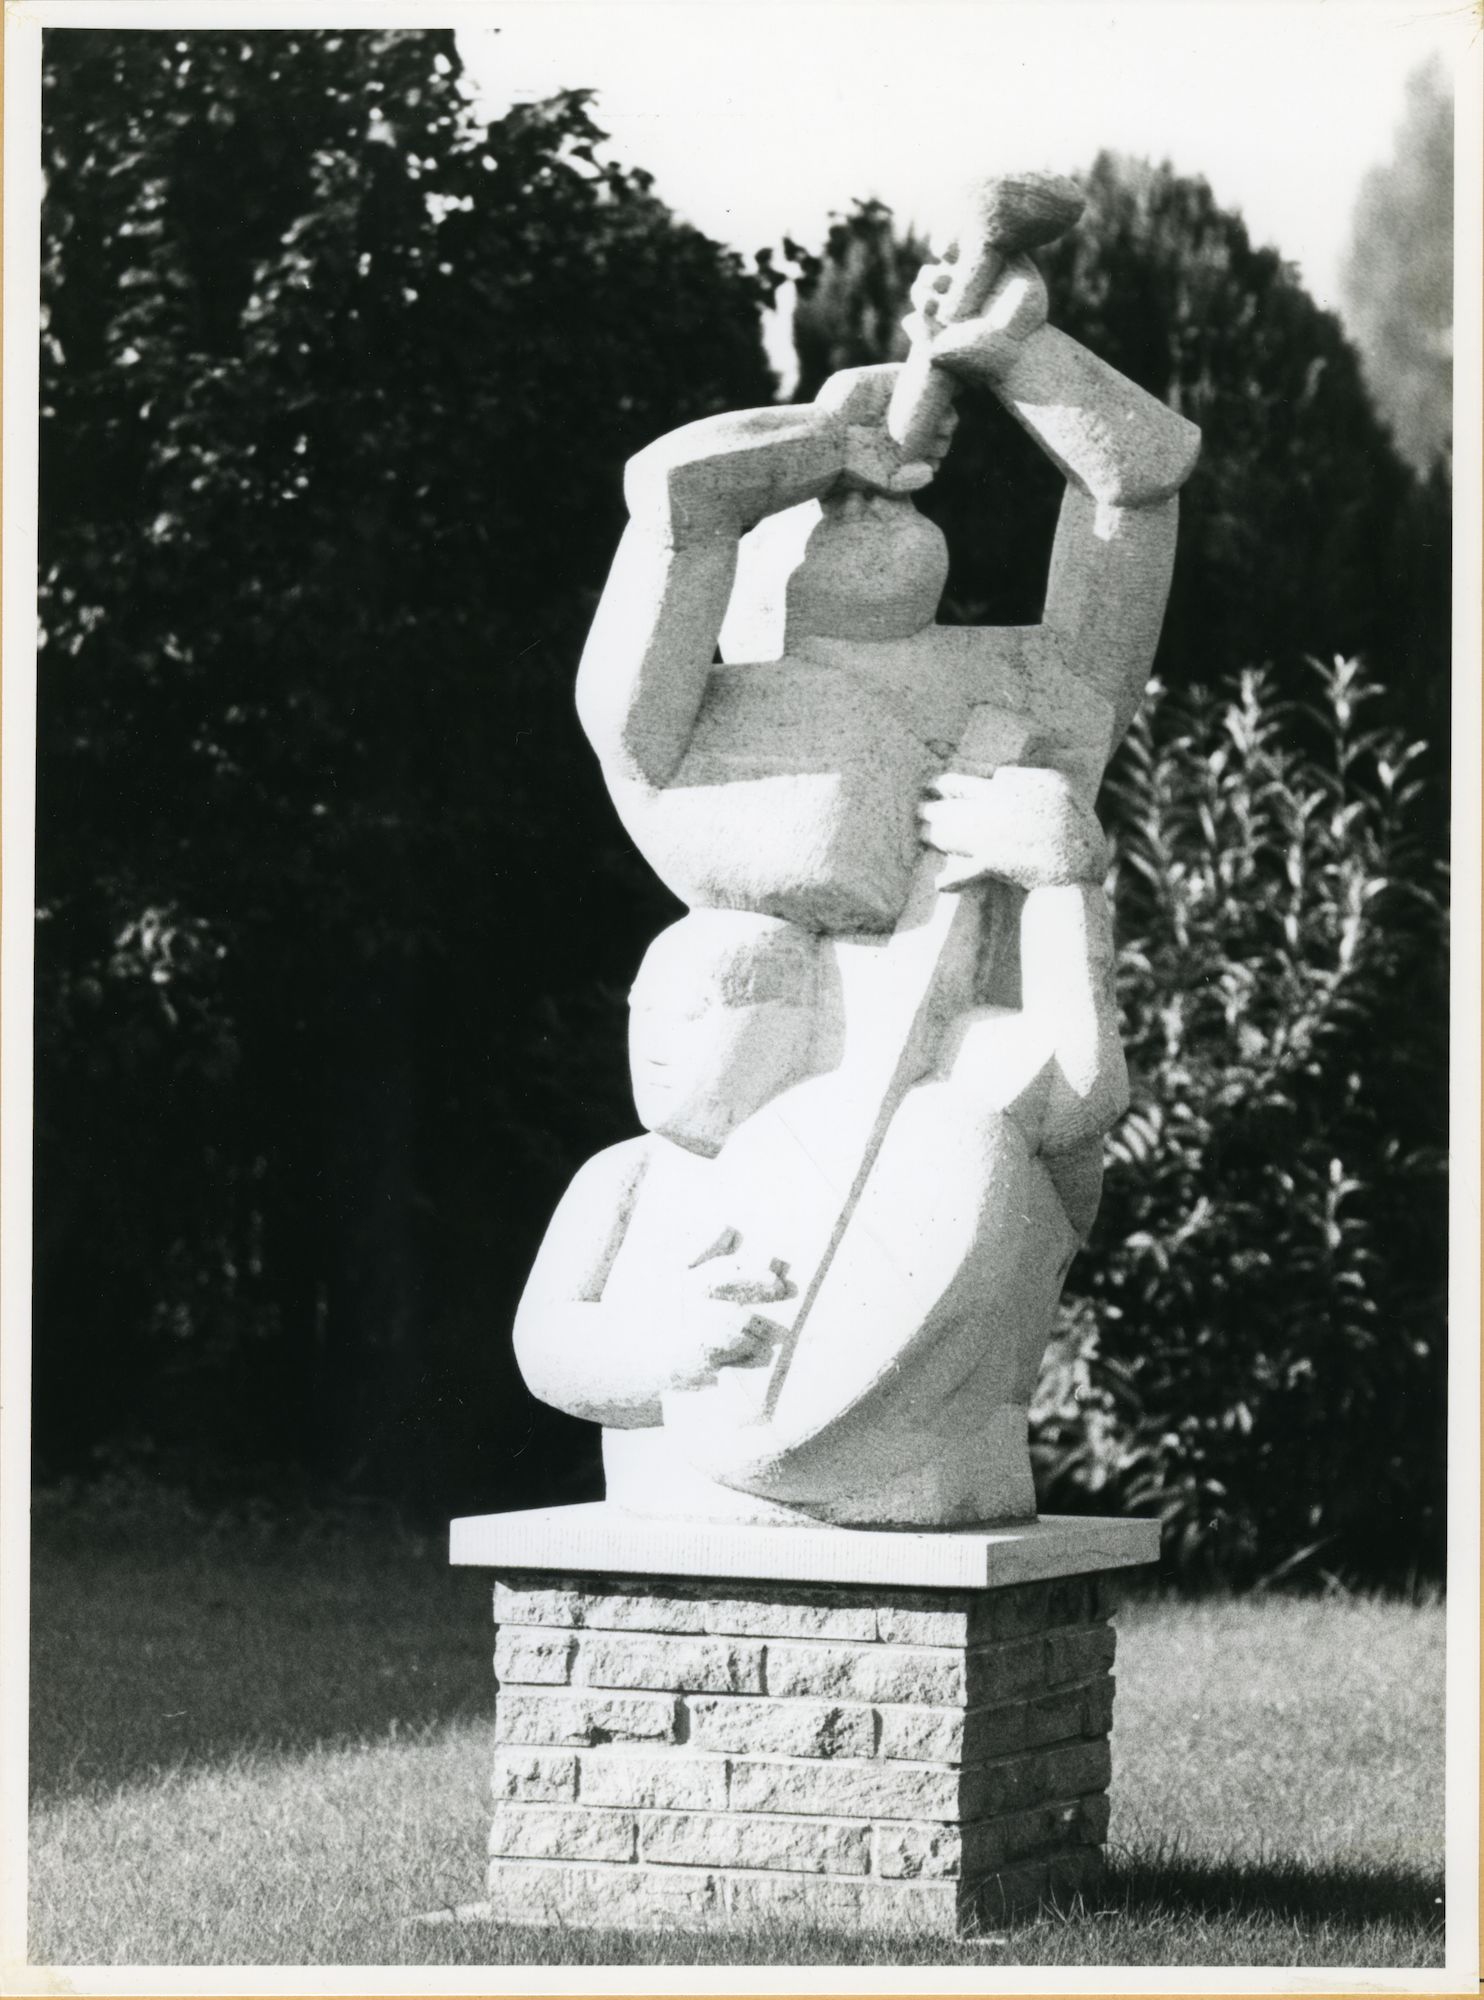 Drongen: Merendreese Aardeweg 73: Beeldhouwwerk, 1979